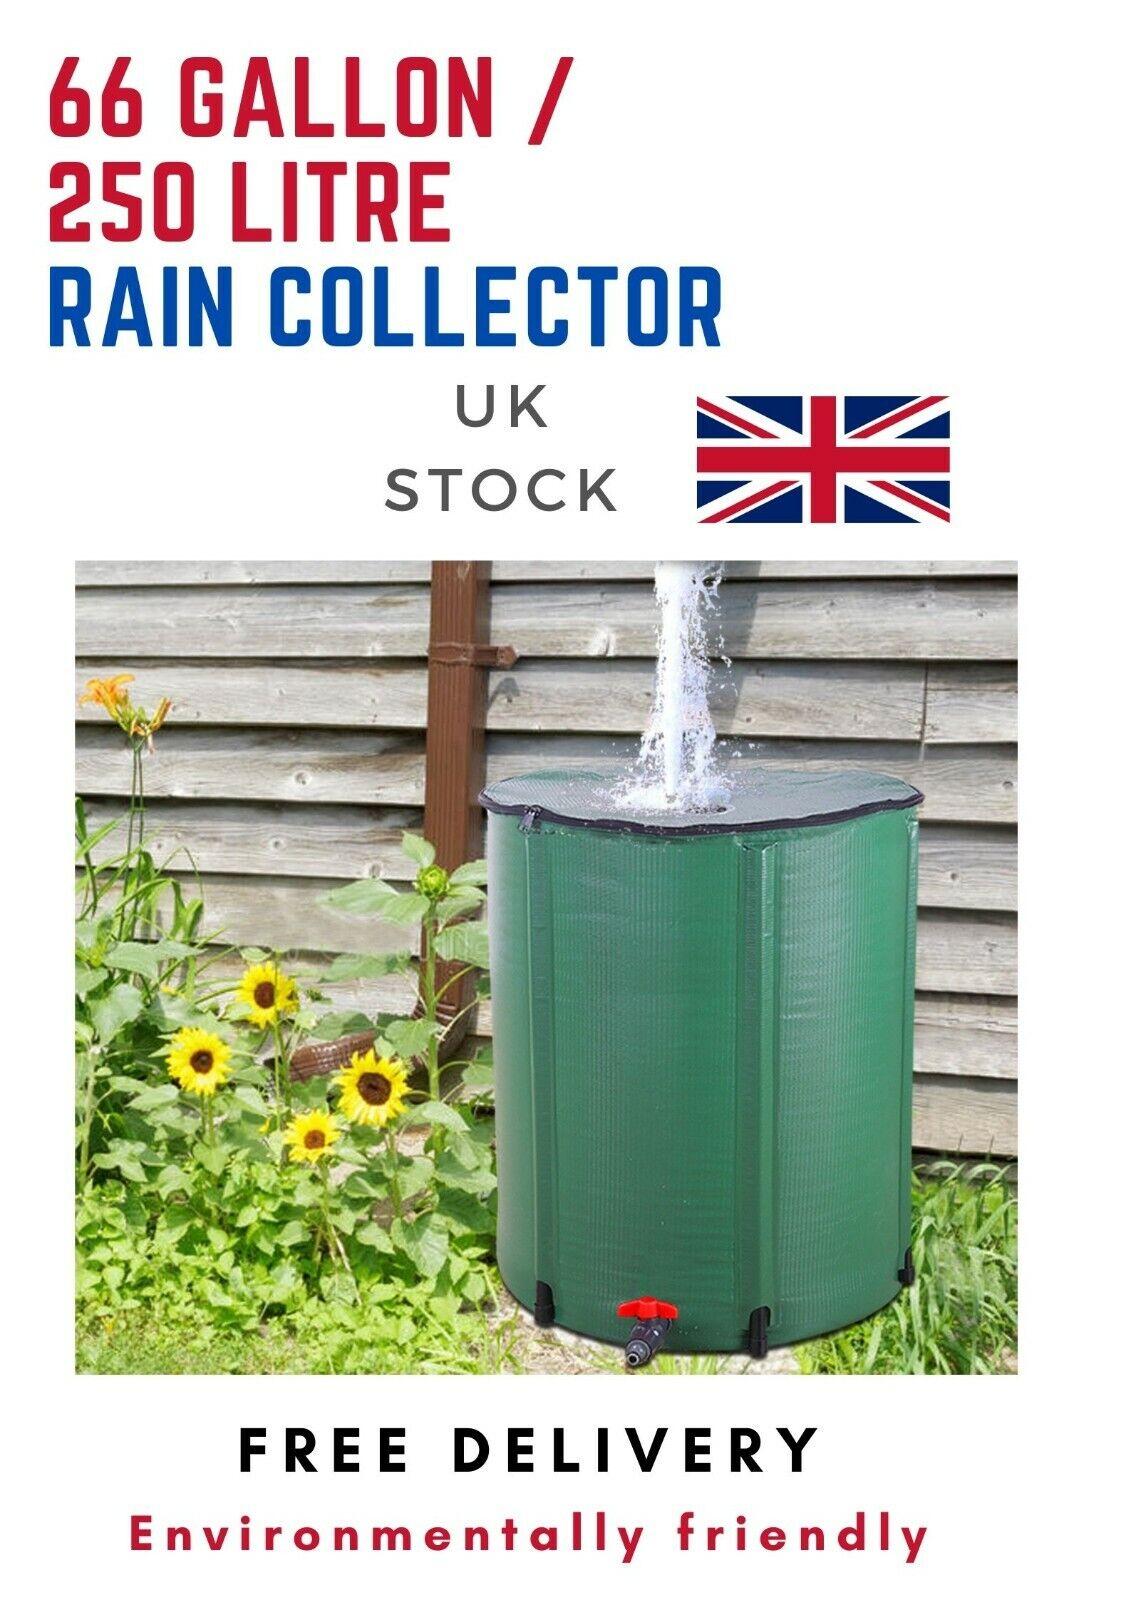 250 Litre [66 Gallon] Folding Rain Collector Barrel Garden Or Farm Recycle Tank